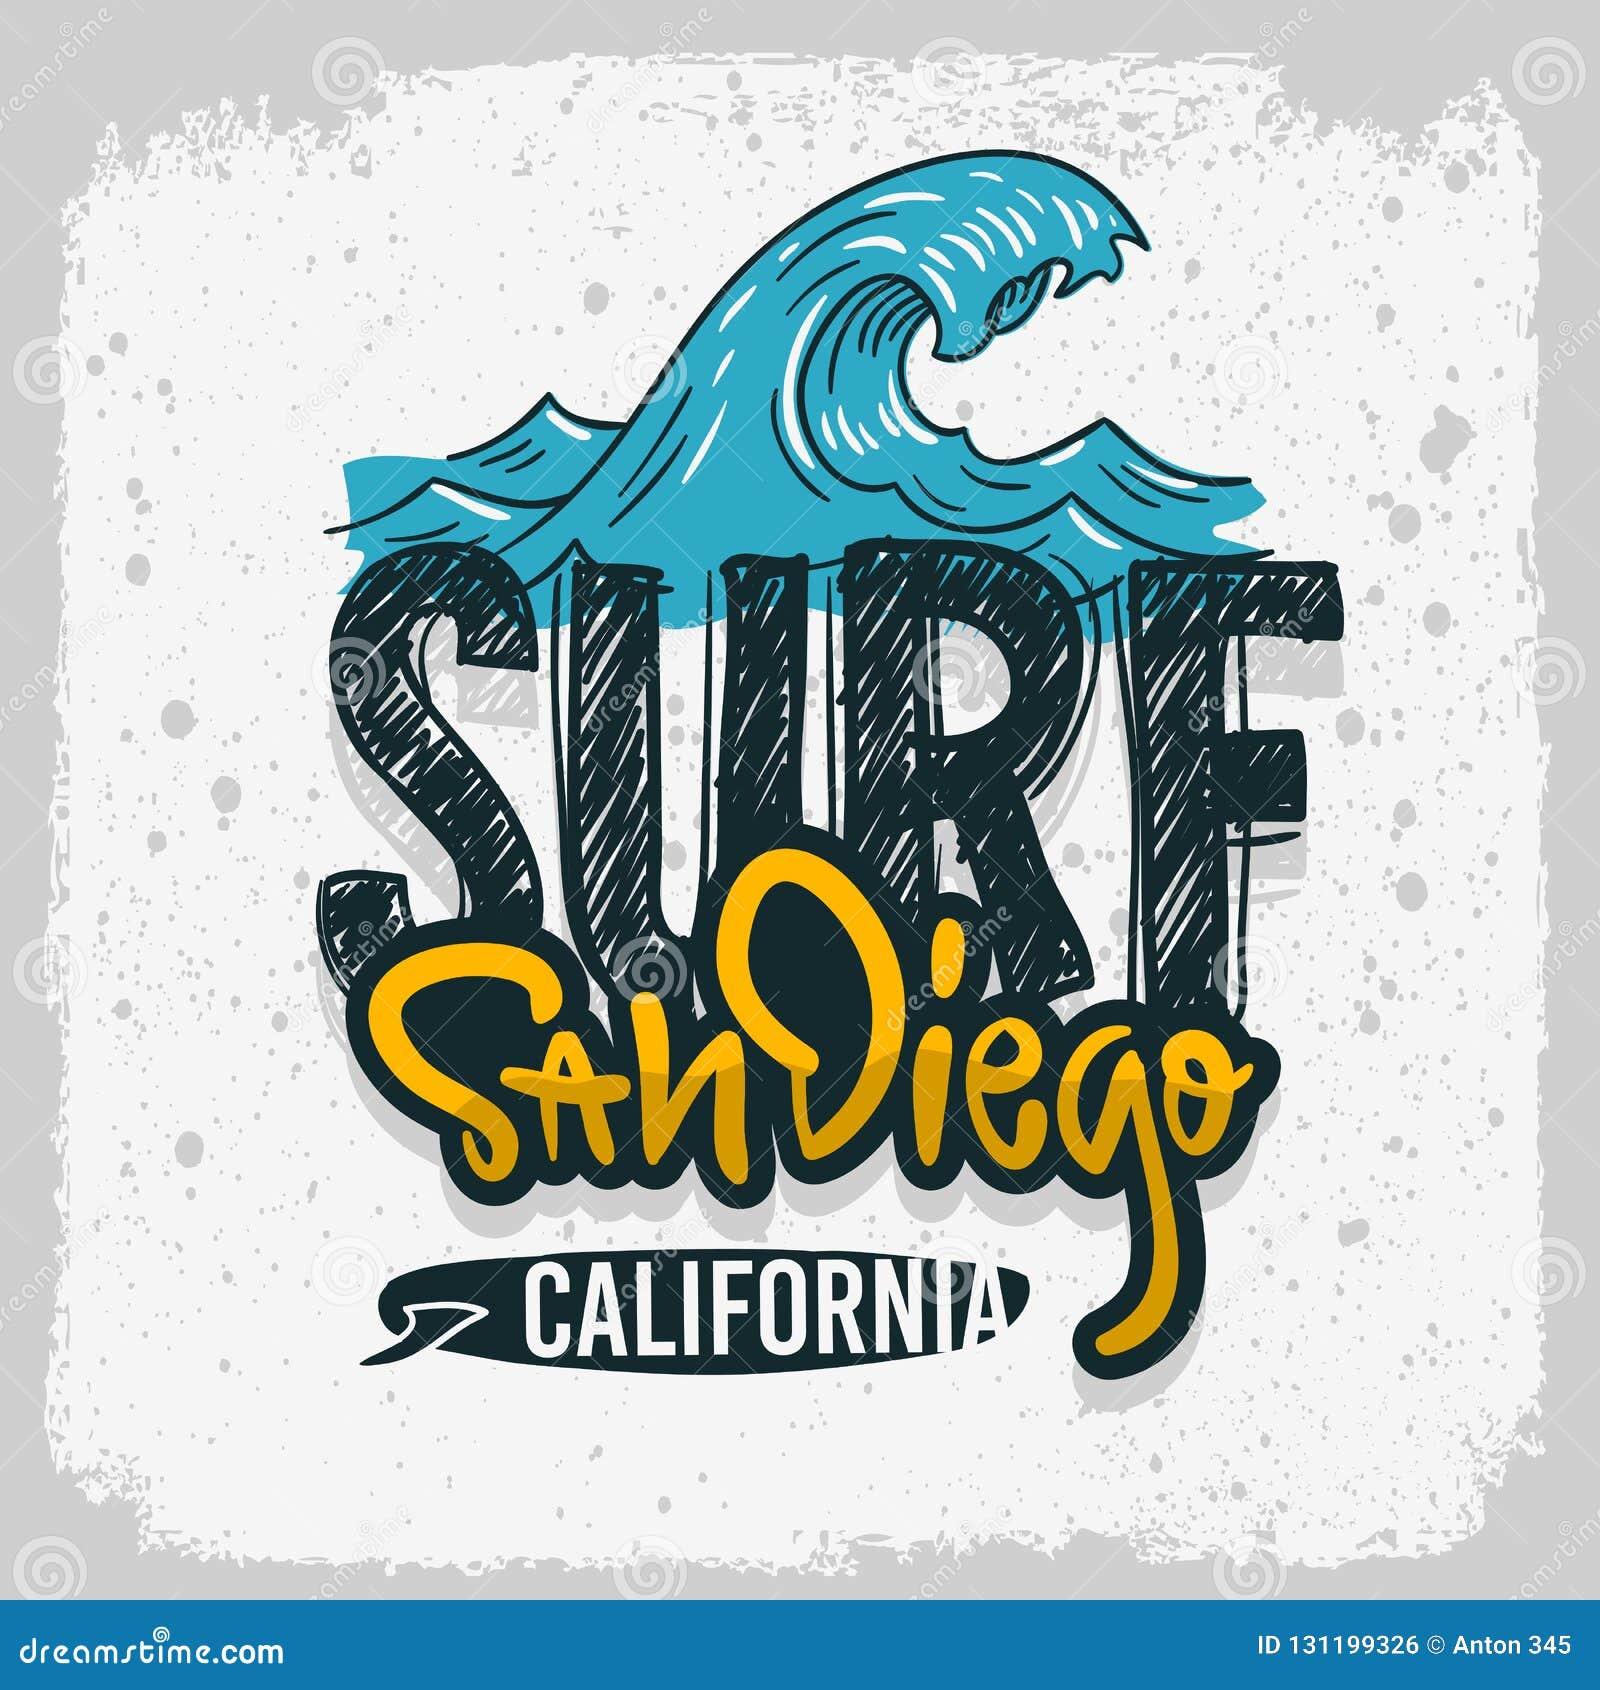 Mano de San Diego California Surfing Surf Design dibujada poniendo letras al tipo Logo Sign Label para la camiseta de los anuncio